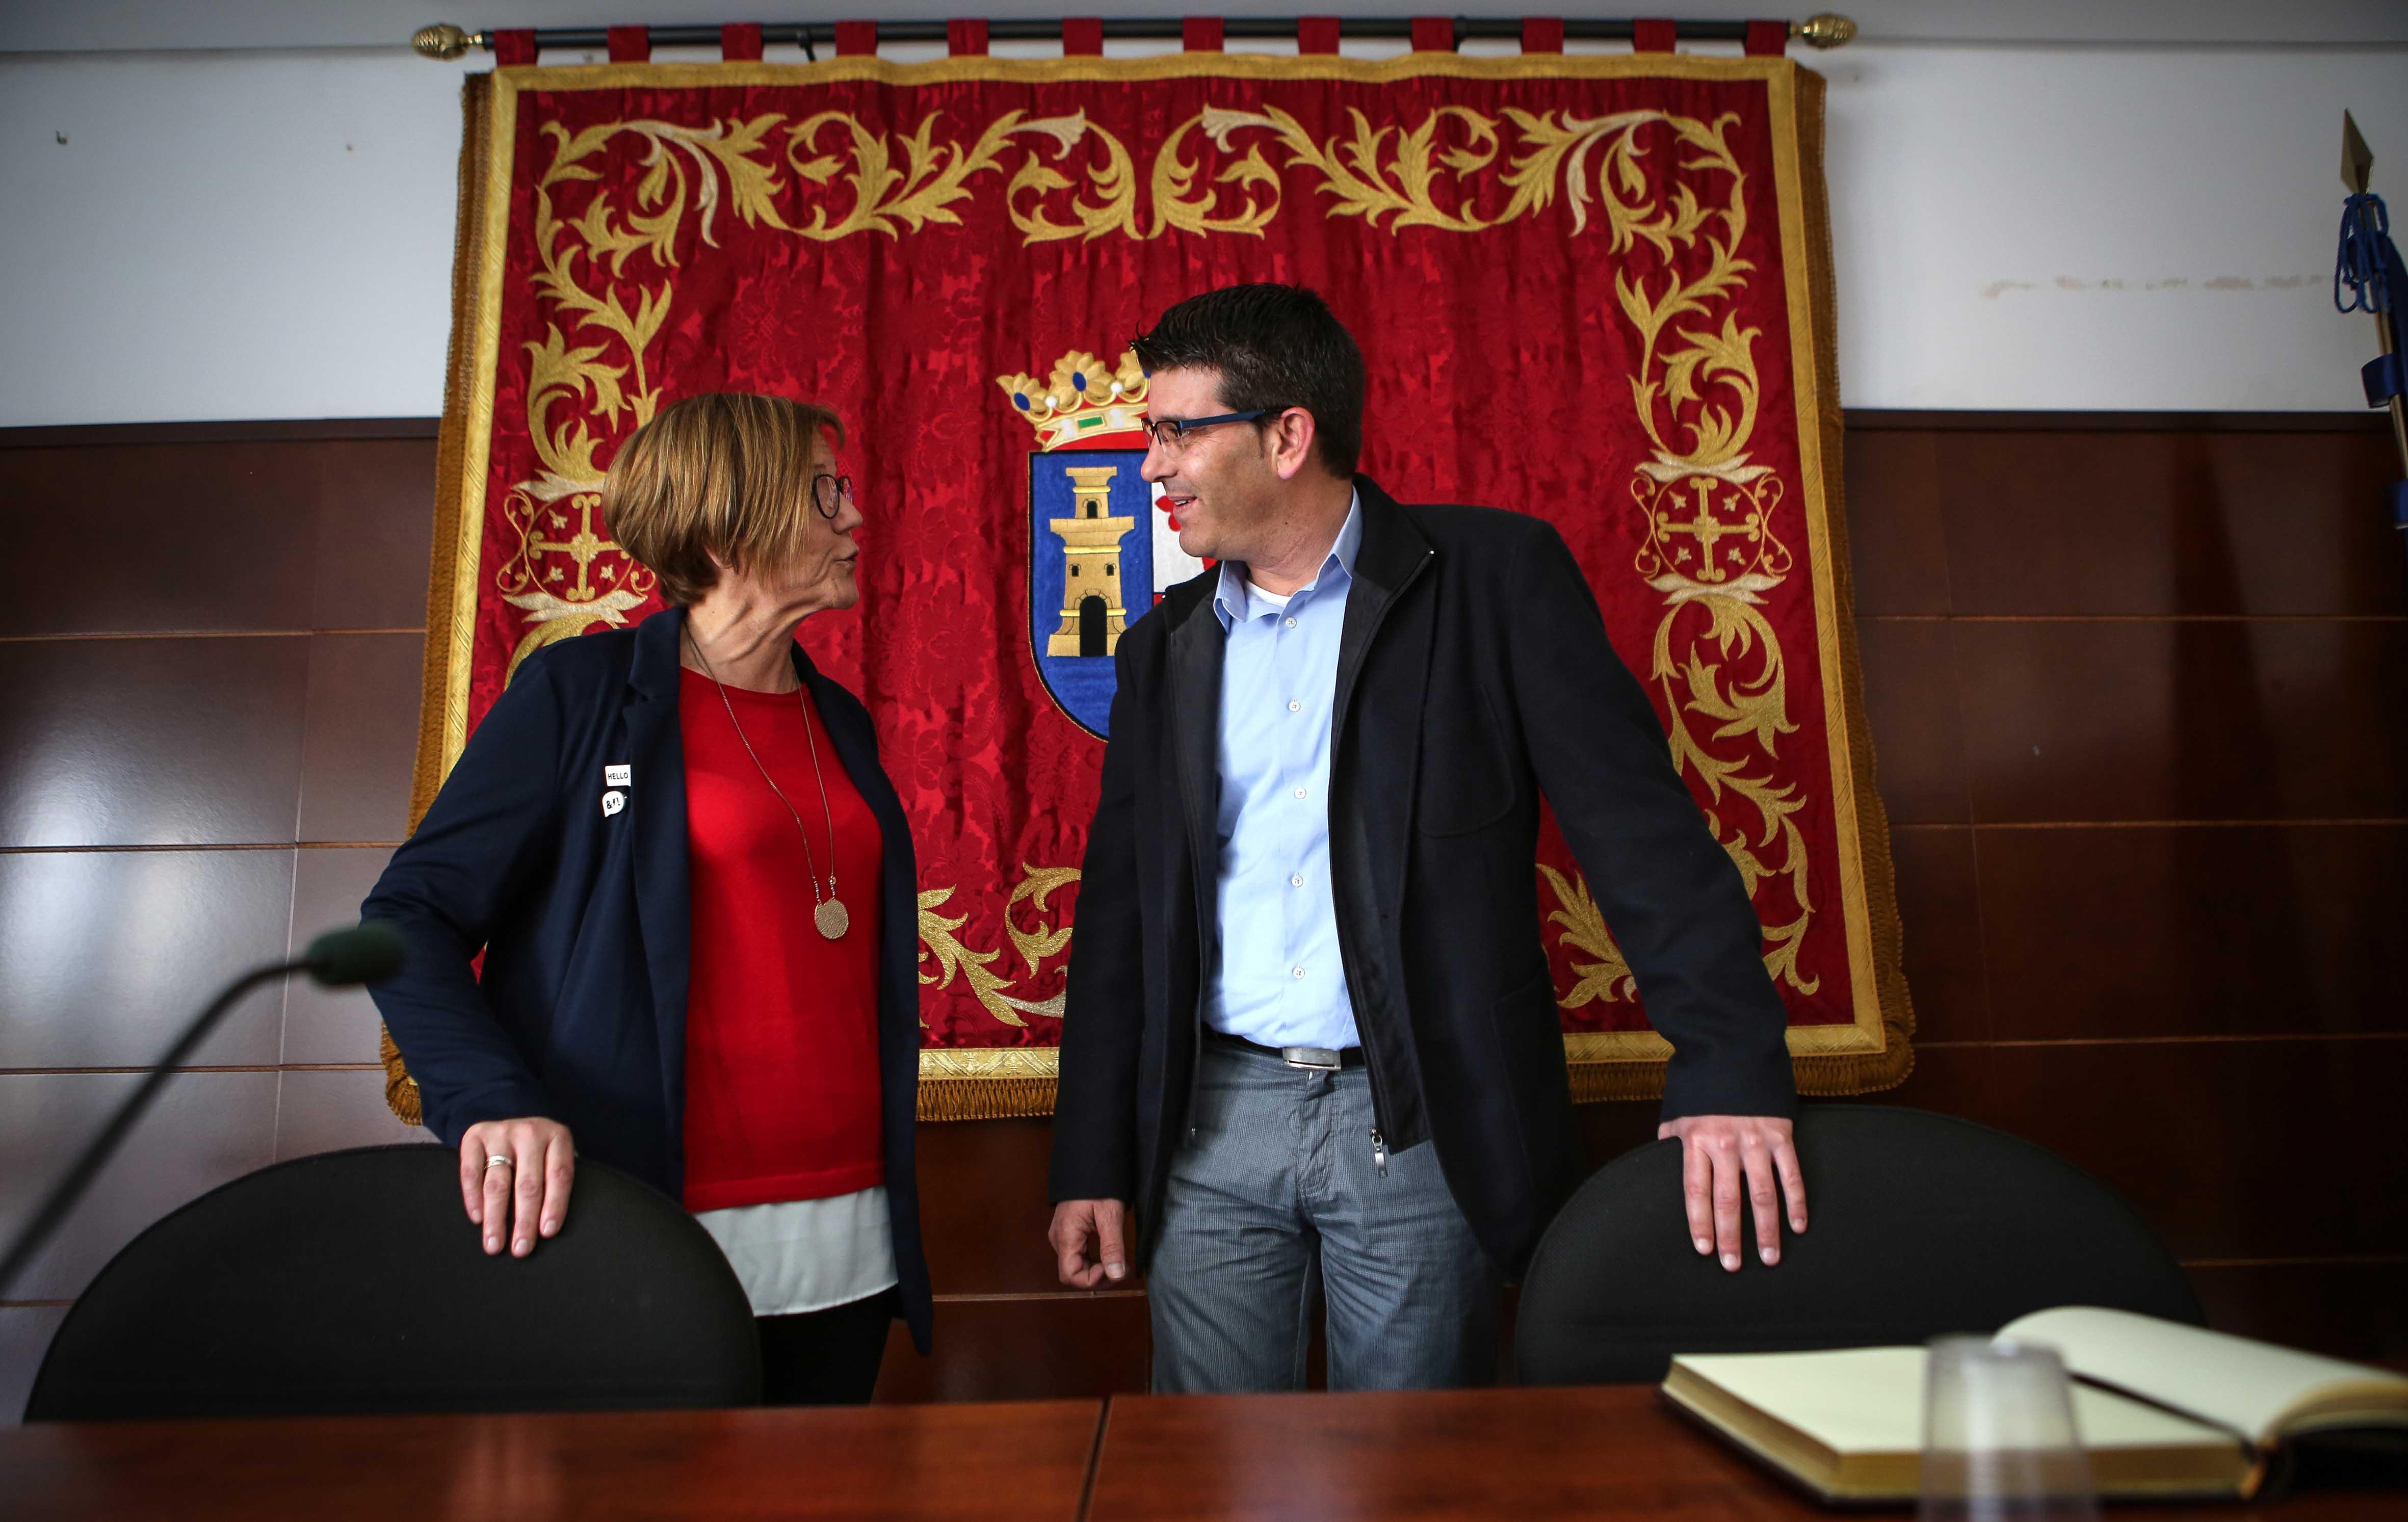 El presidente de la Diputación durante su reciente visita a La Hoya, acompañado de la alcaldesa de Alborache.